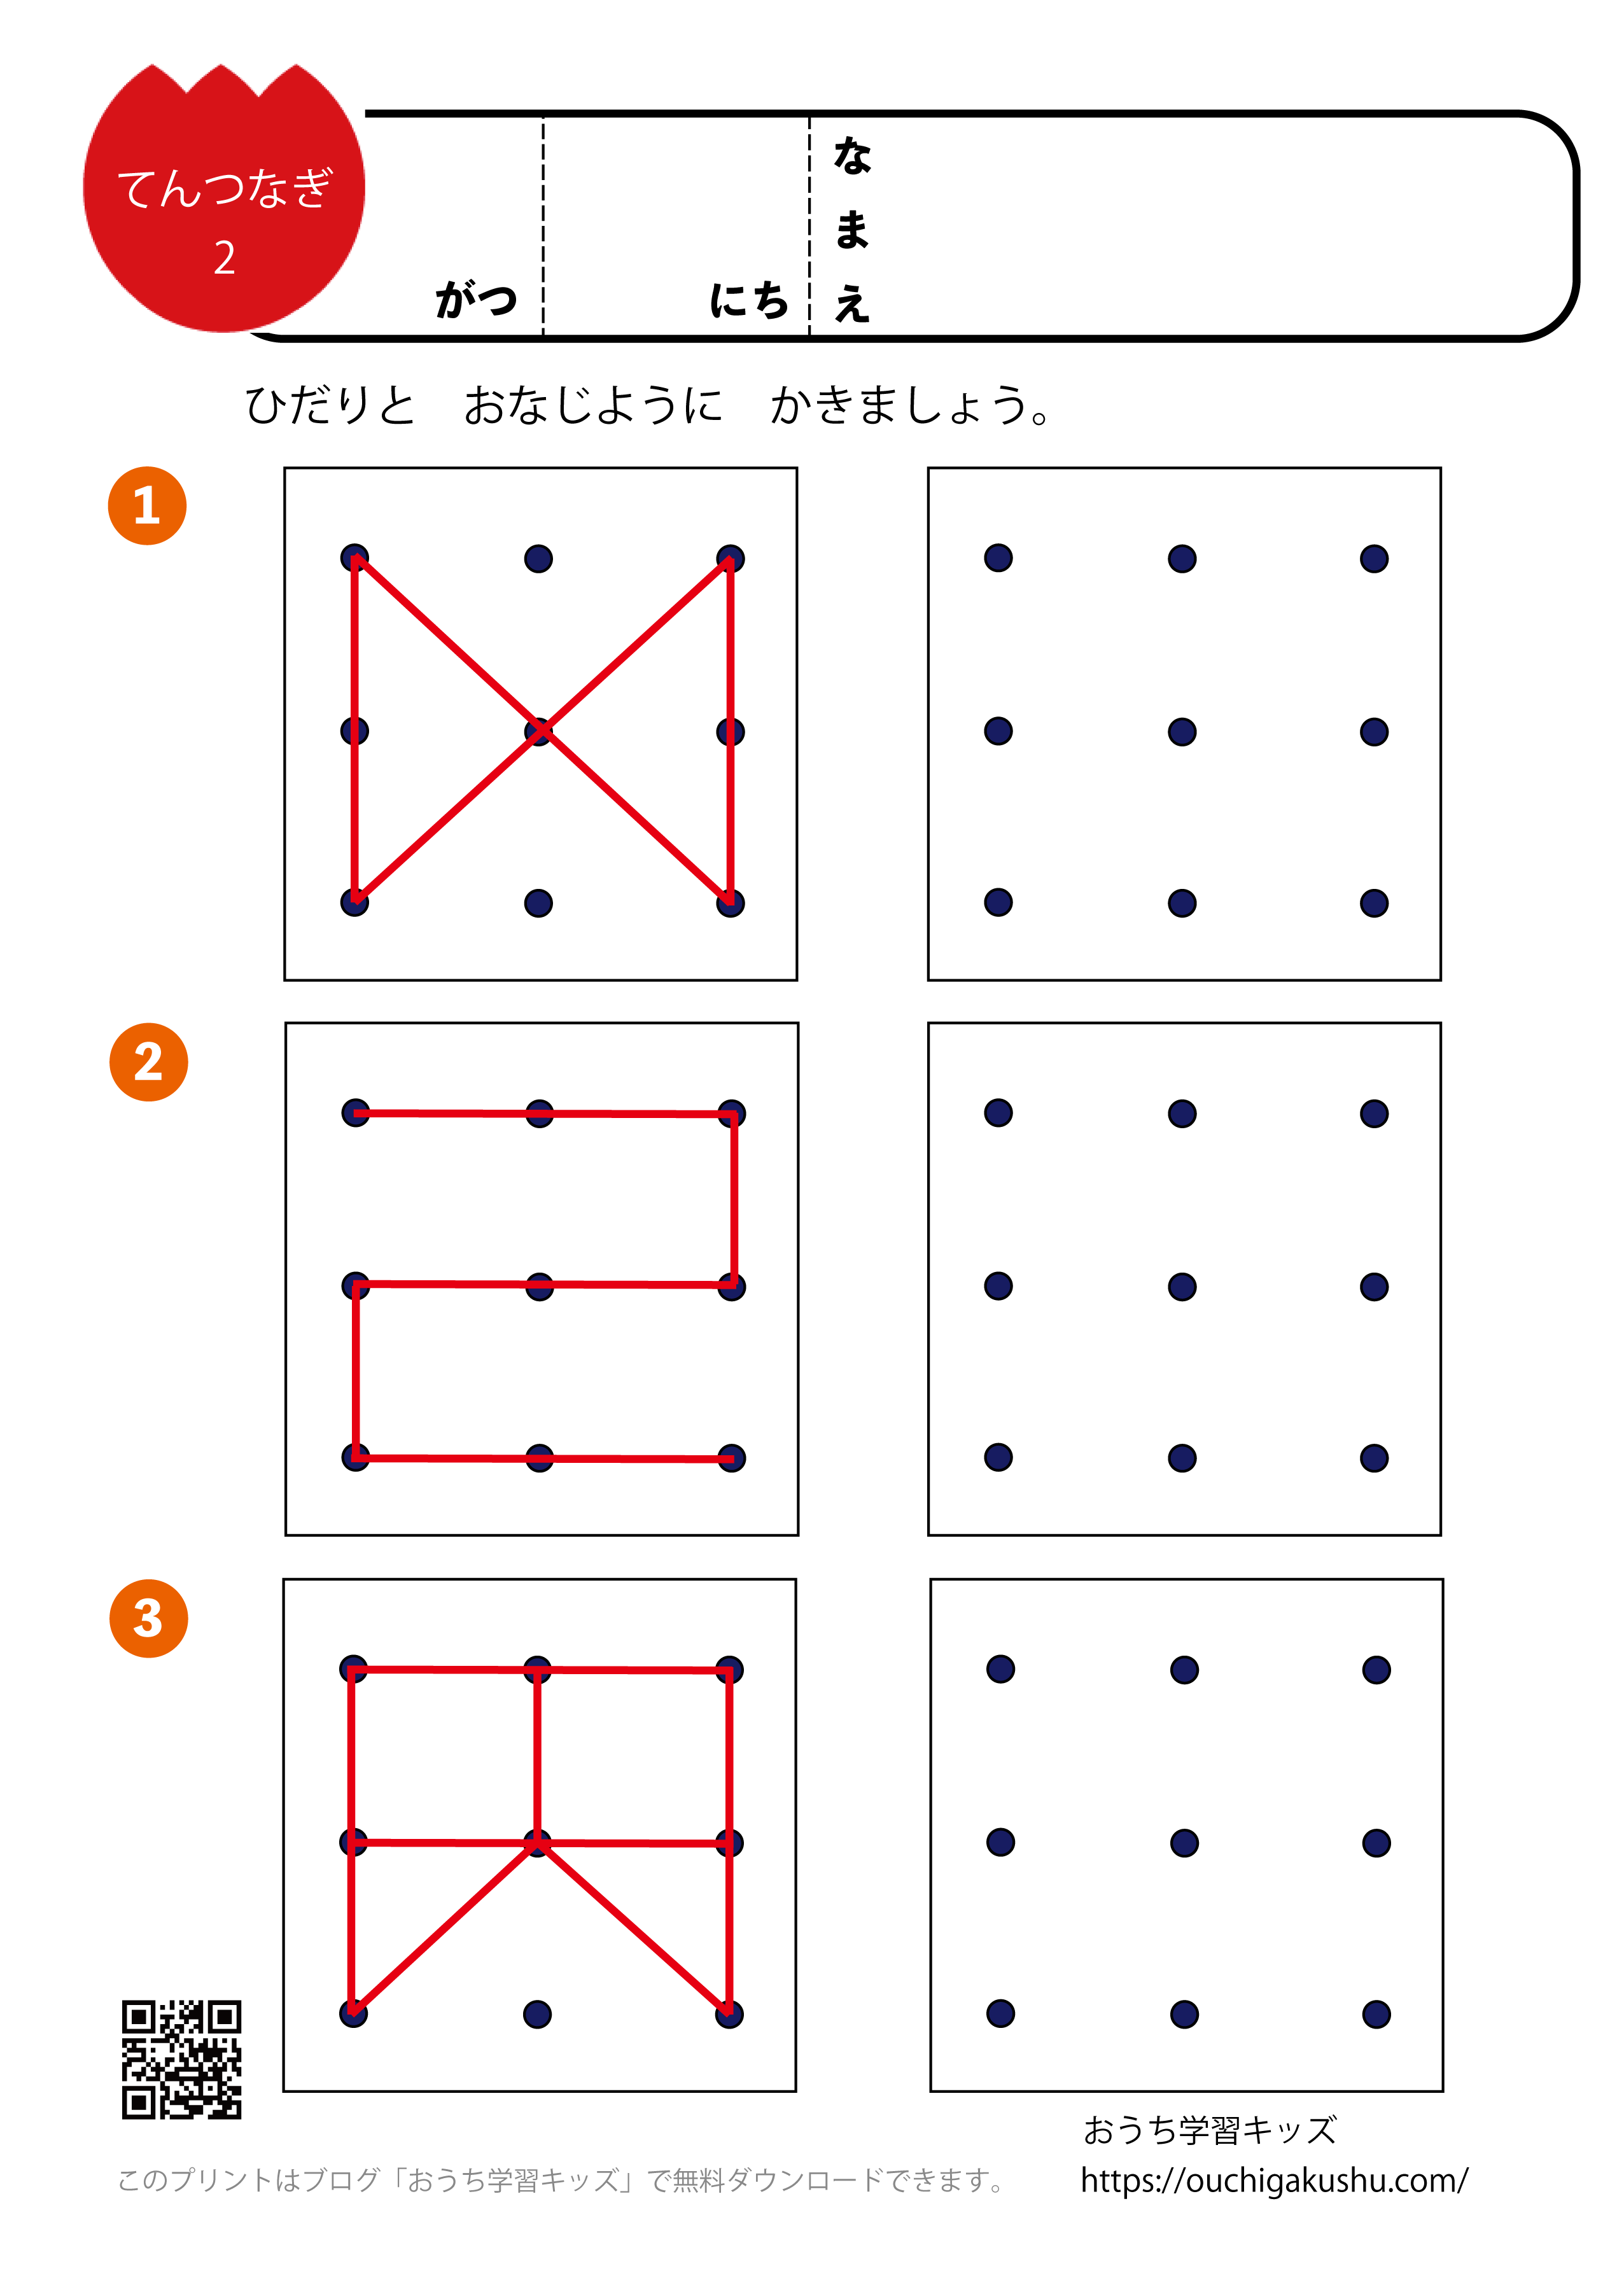 点つなぎ2 運筆・点描写の練習